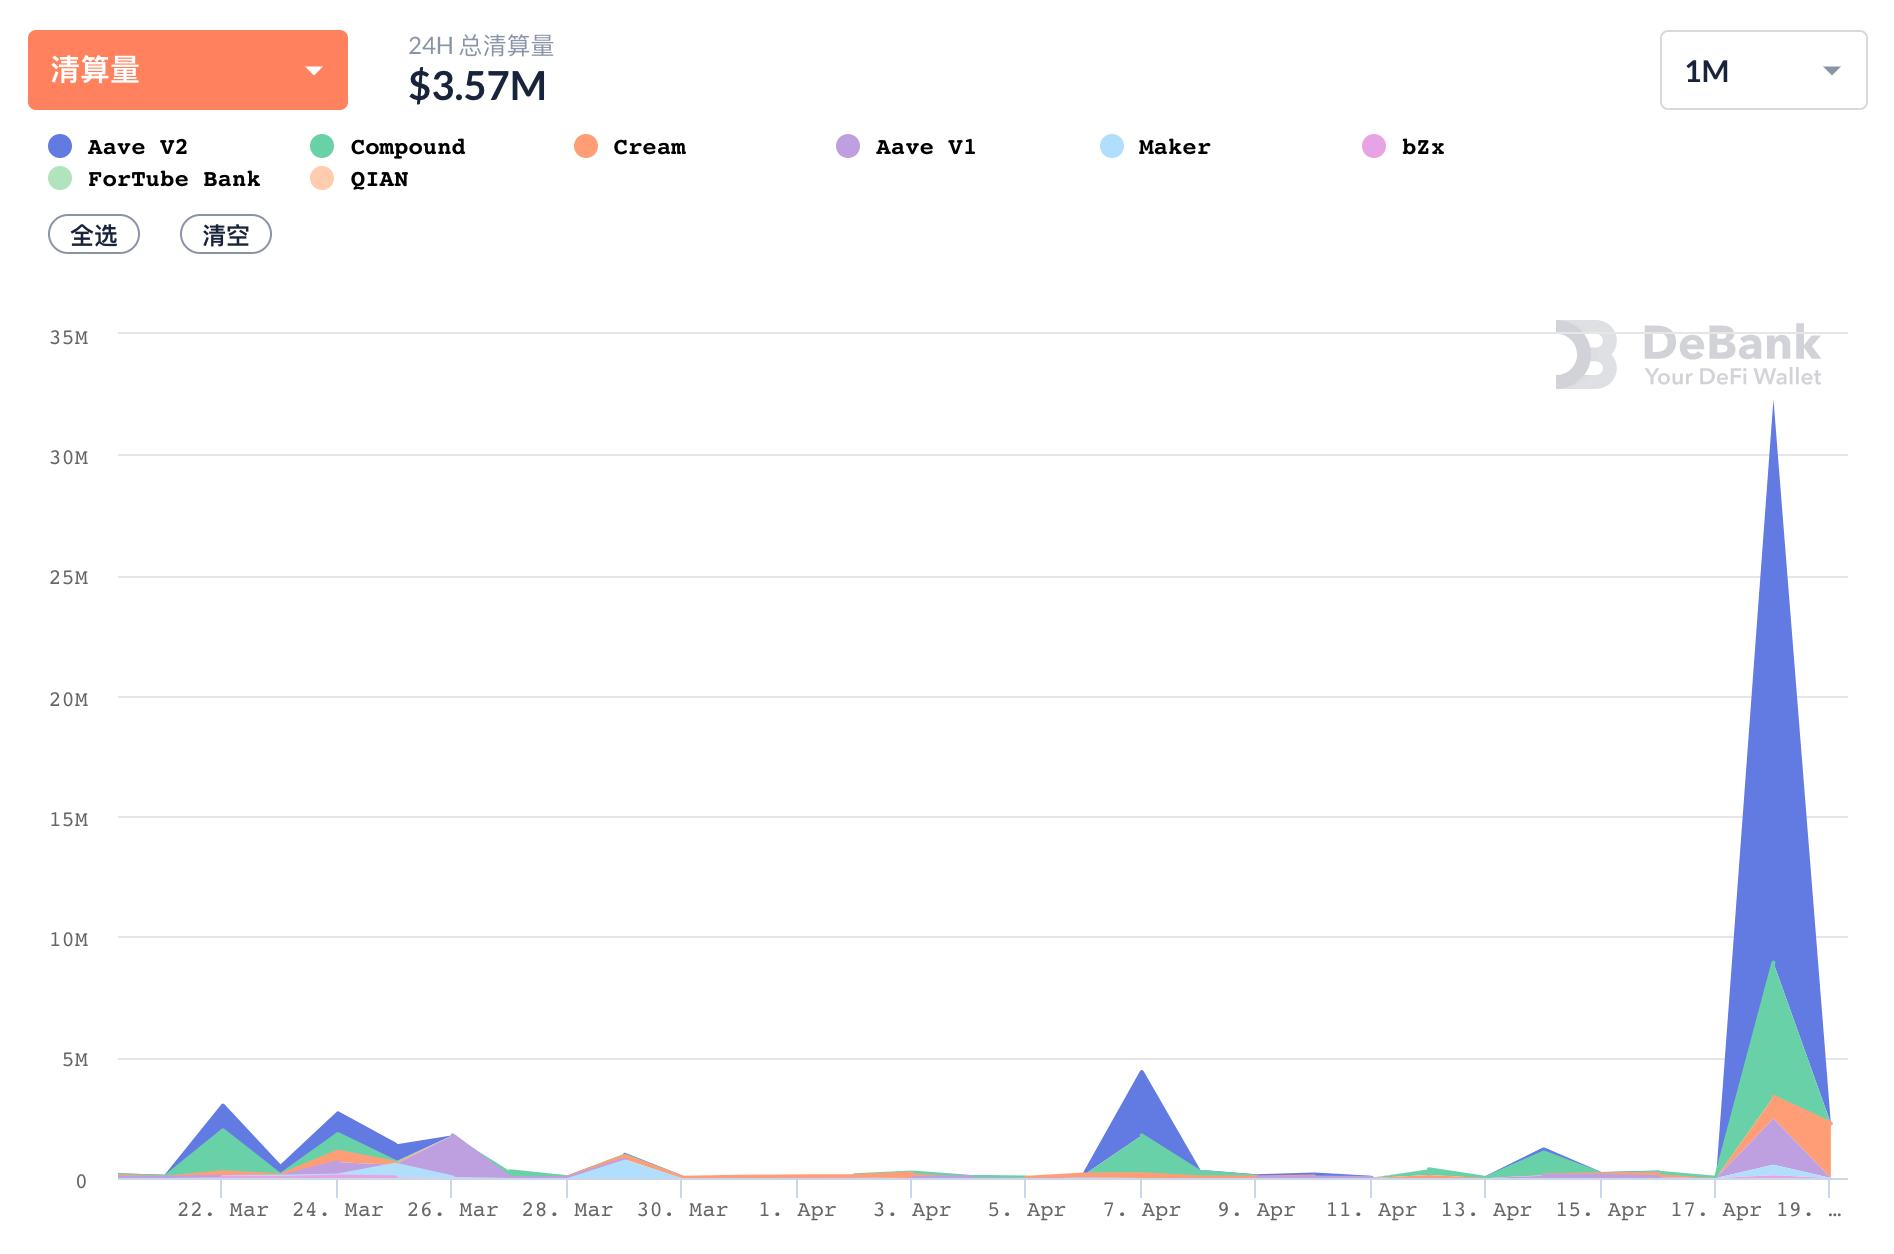 数据:ETH大幅回调致DeFi借贷平台清算总量达3230万美元 创近一个月新高-币安资讯网